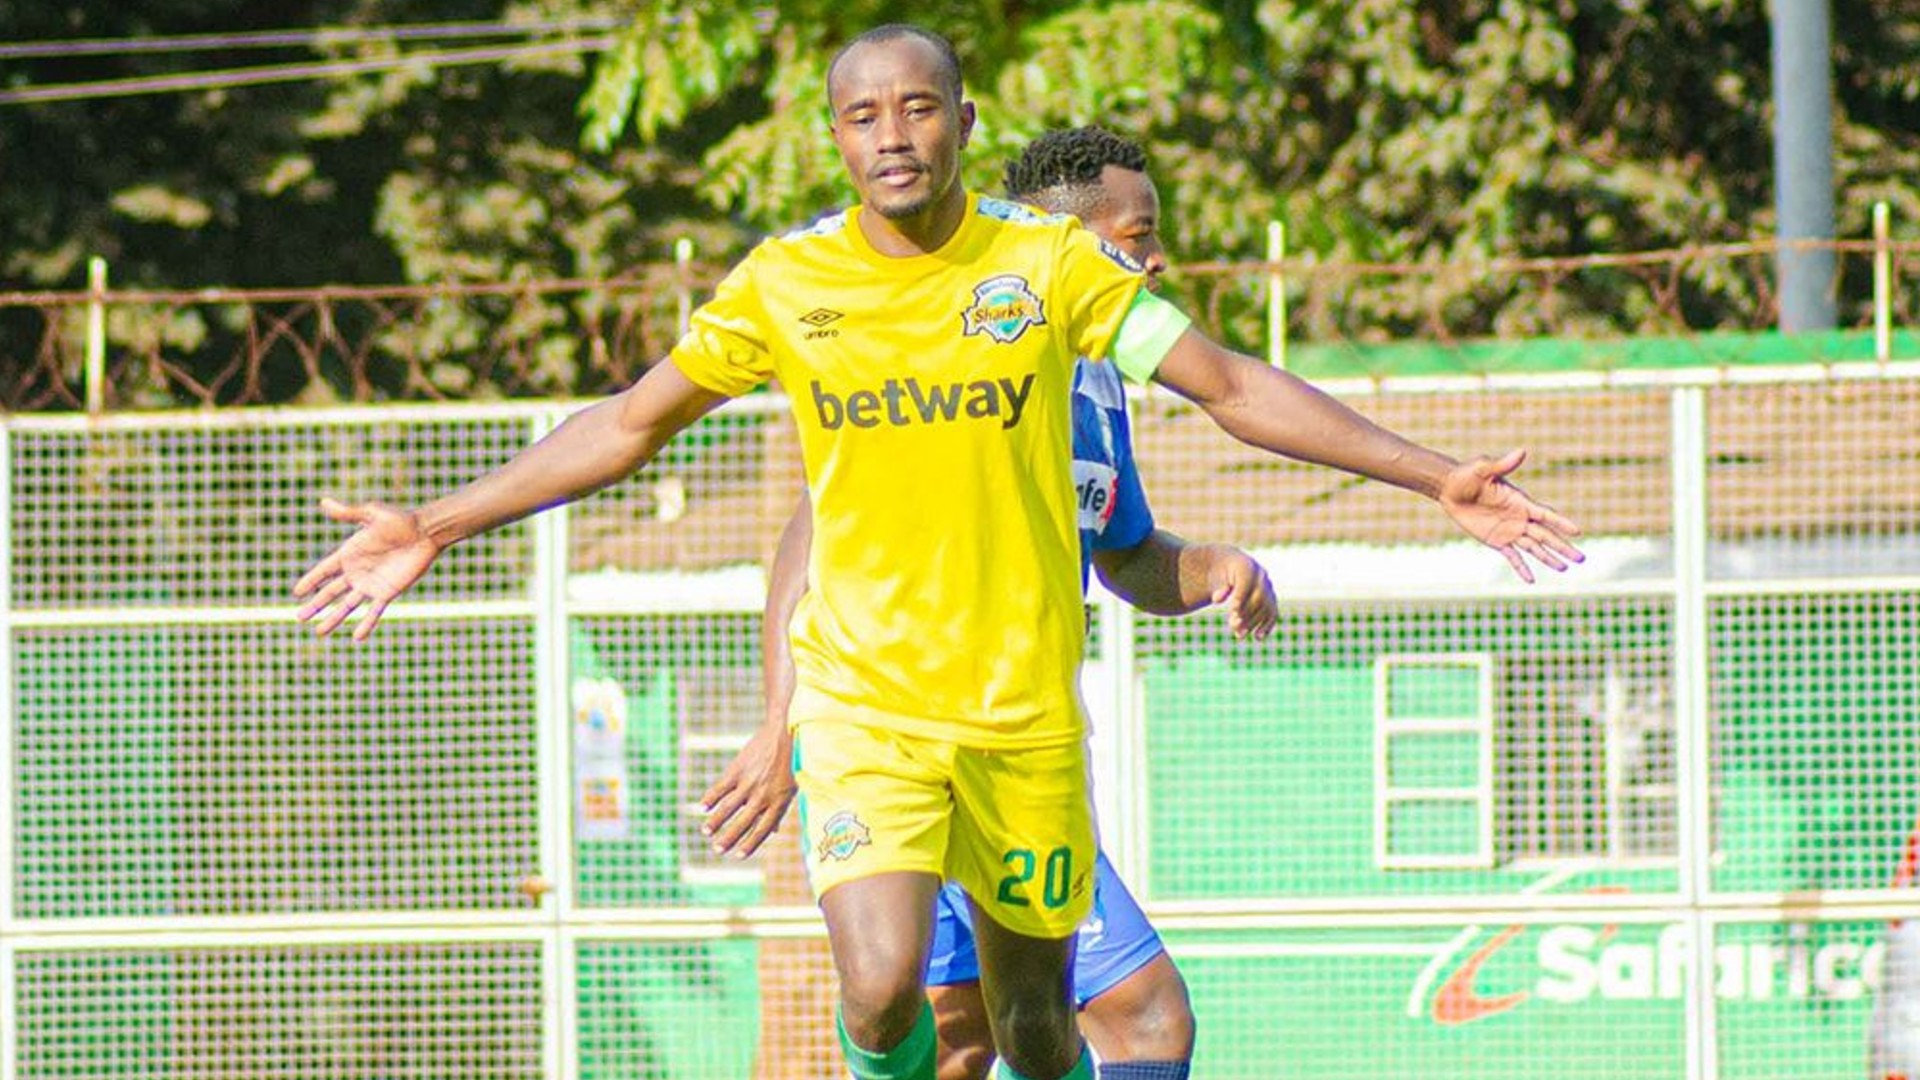 Kapaito: Kariobangi Sharks forward claims FKF Golden Boot award